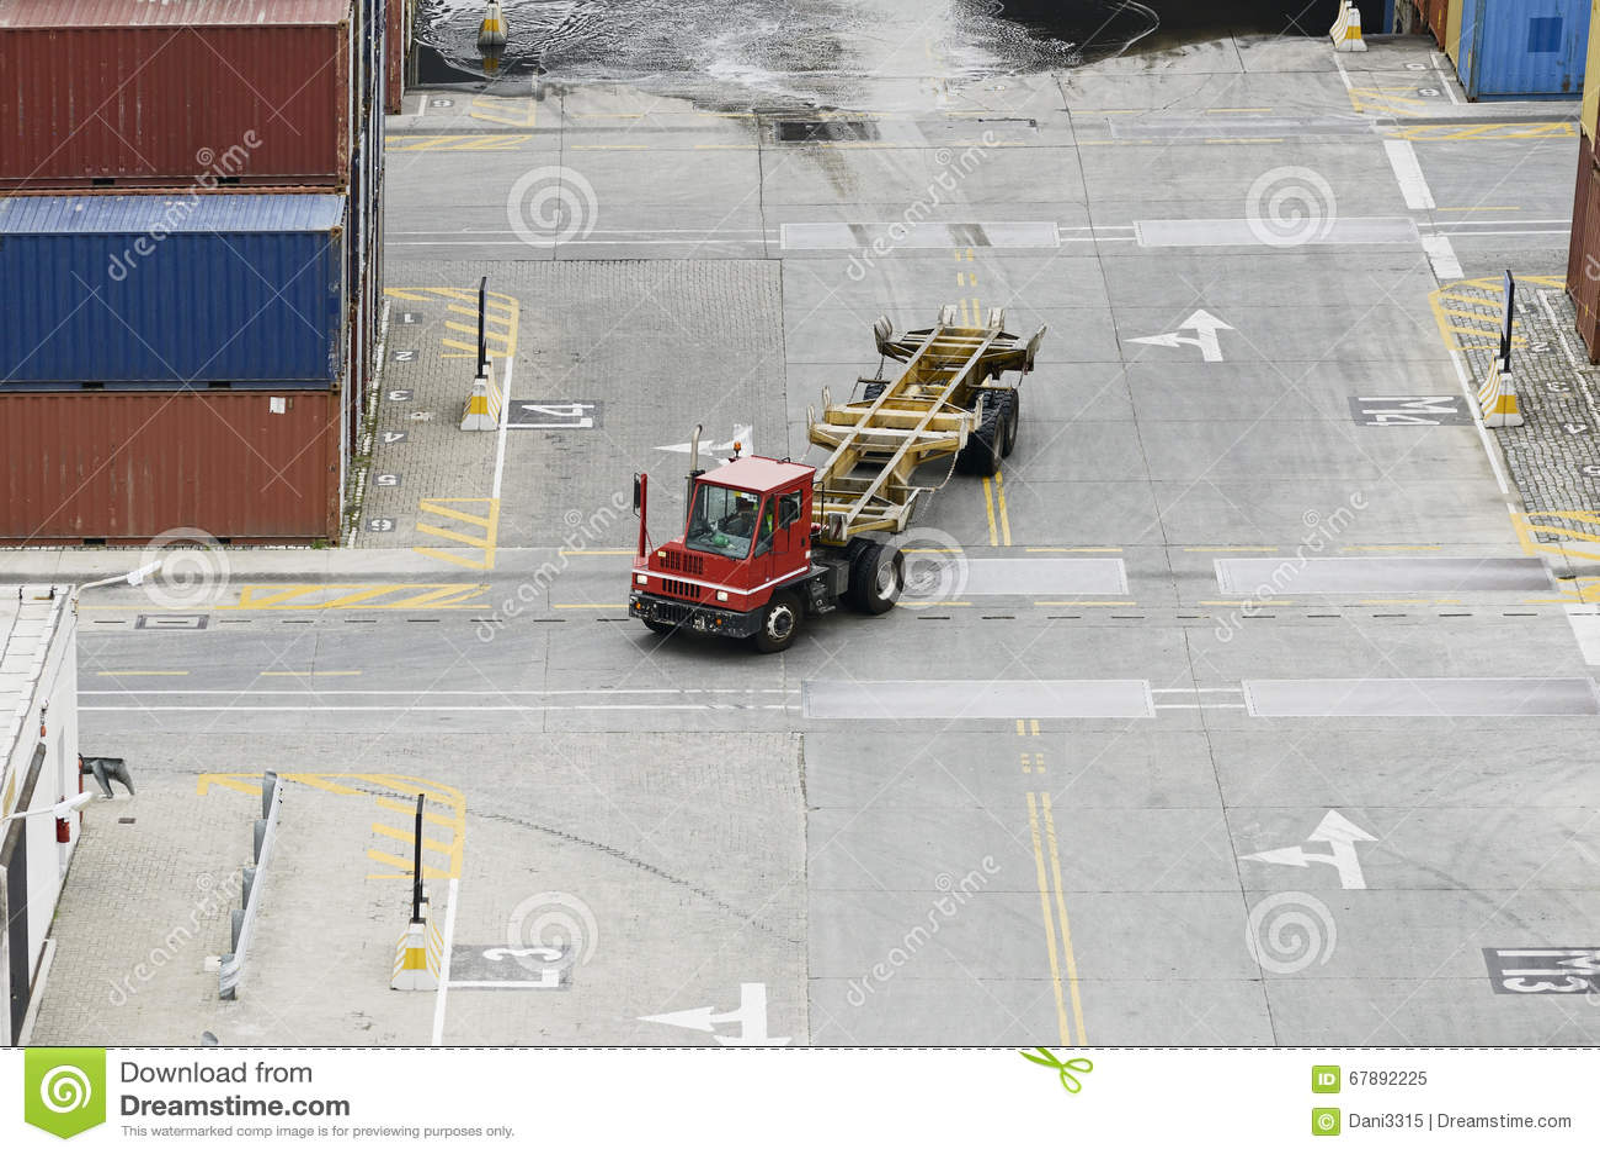 货箱卡车在货物口岸贮存区